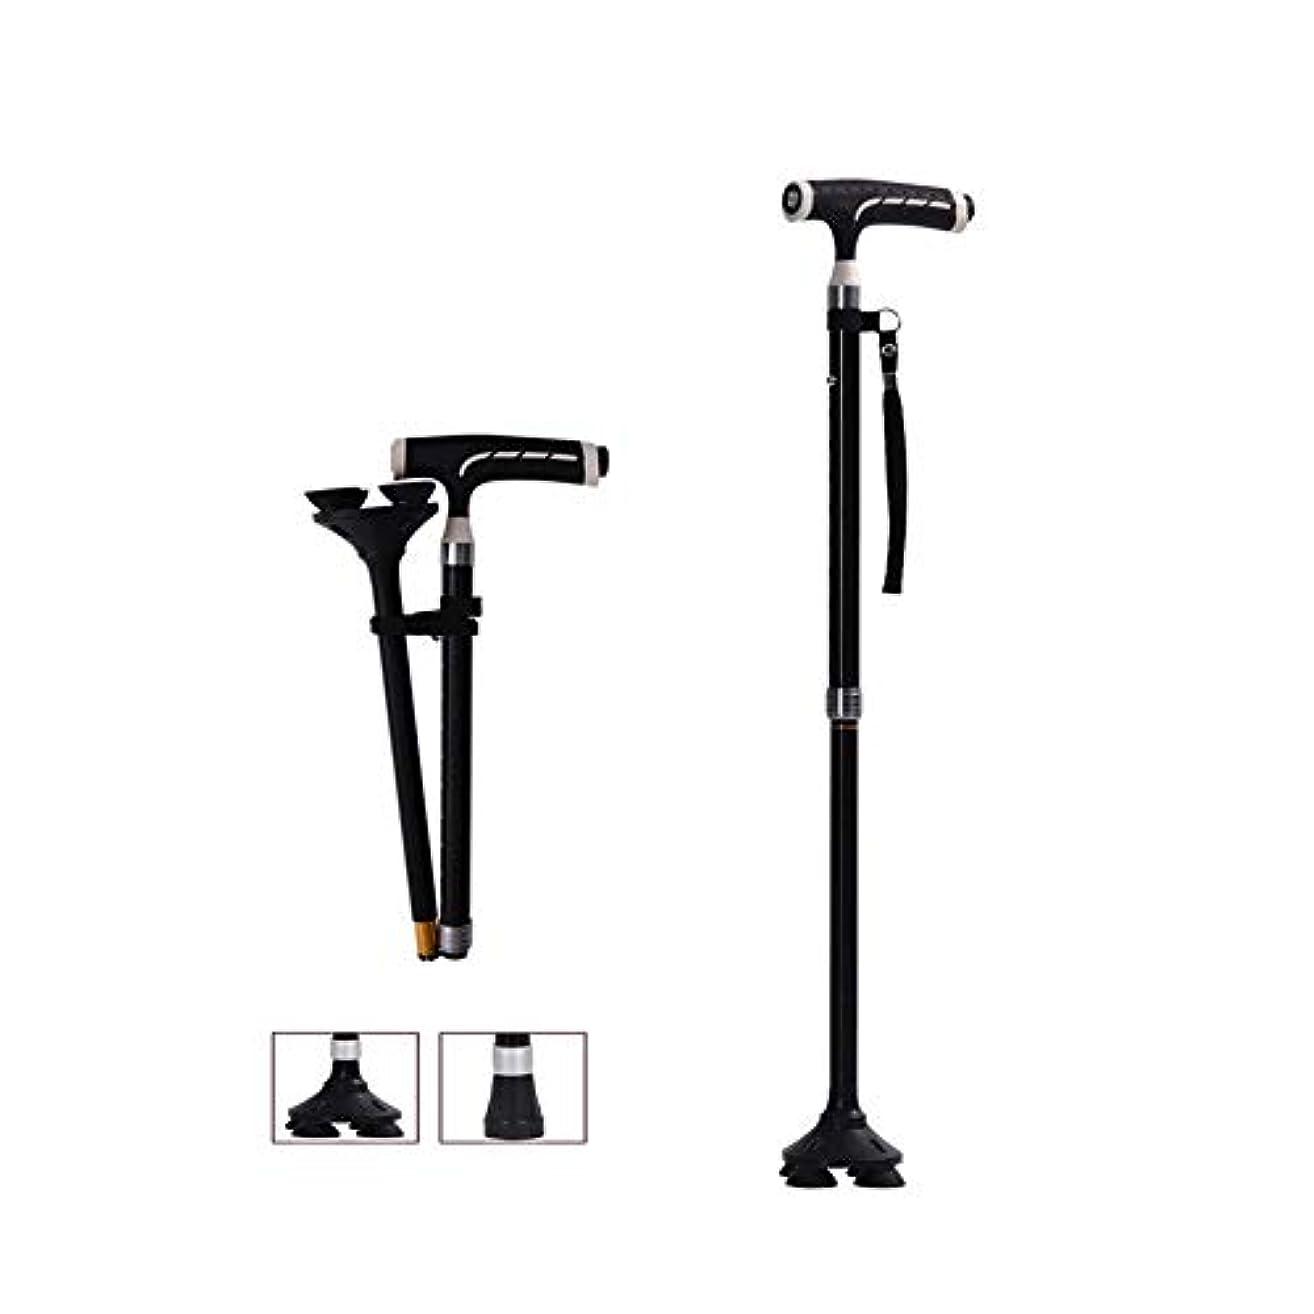 脊椎粘性の指定スマート折りたたみ杖、滑り止めの耐久性のある超軽量杖、多機能LEDライト、交換可能なダブルベース。